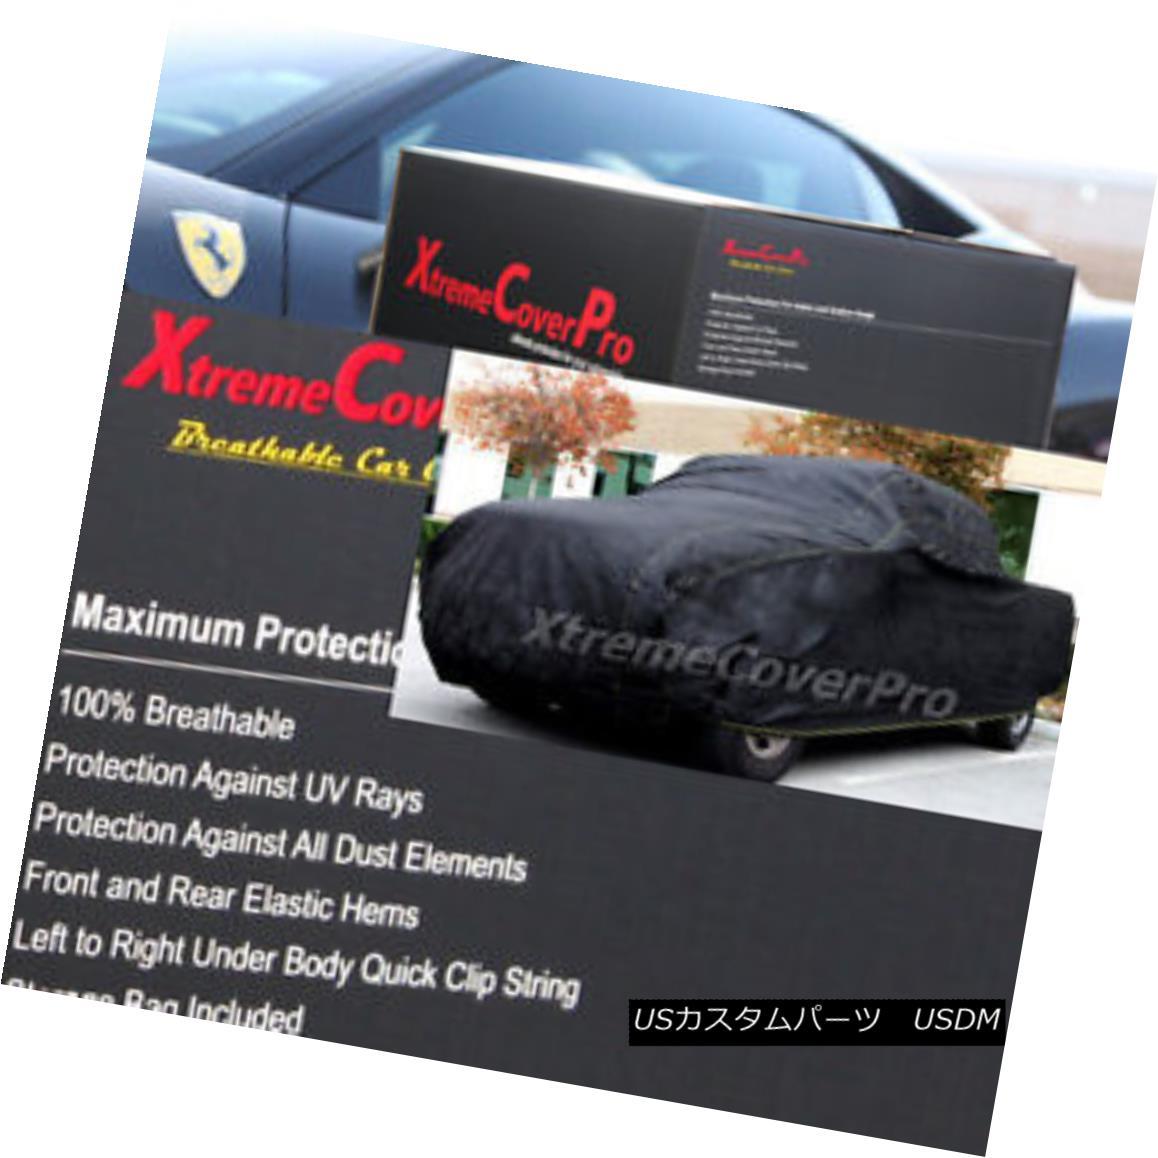 カーカバー 2003 2004 2005 Dodge Ram 3500 Reg Cab 8ft Bed Breathable Truck Cover 2003 2004 2005ダッジラム3500レッグキャブ8ftベッド通気性トラックカバー